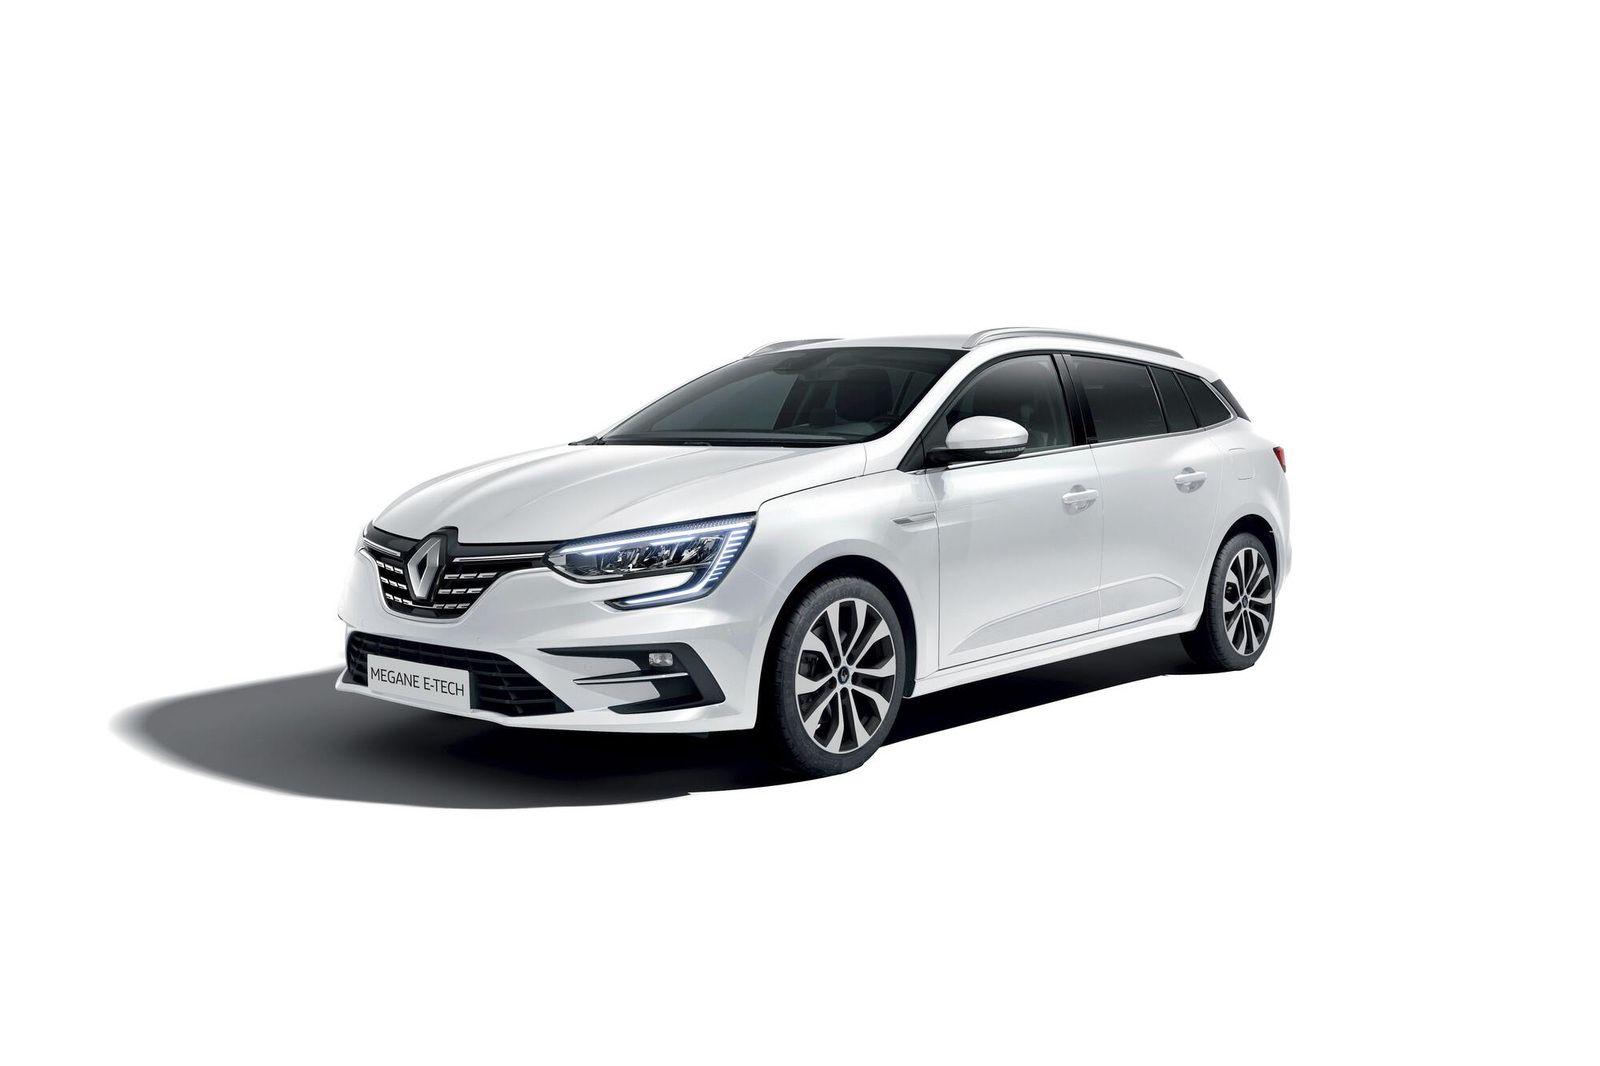 L'hybridation est arrivée tard chez Renault, mais le résultat est plutôt convaincant.